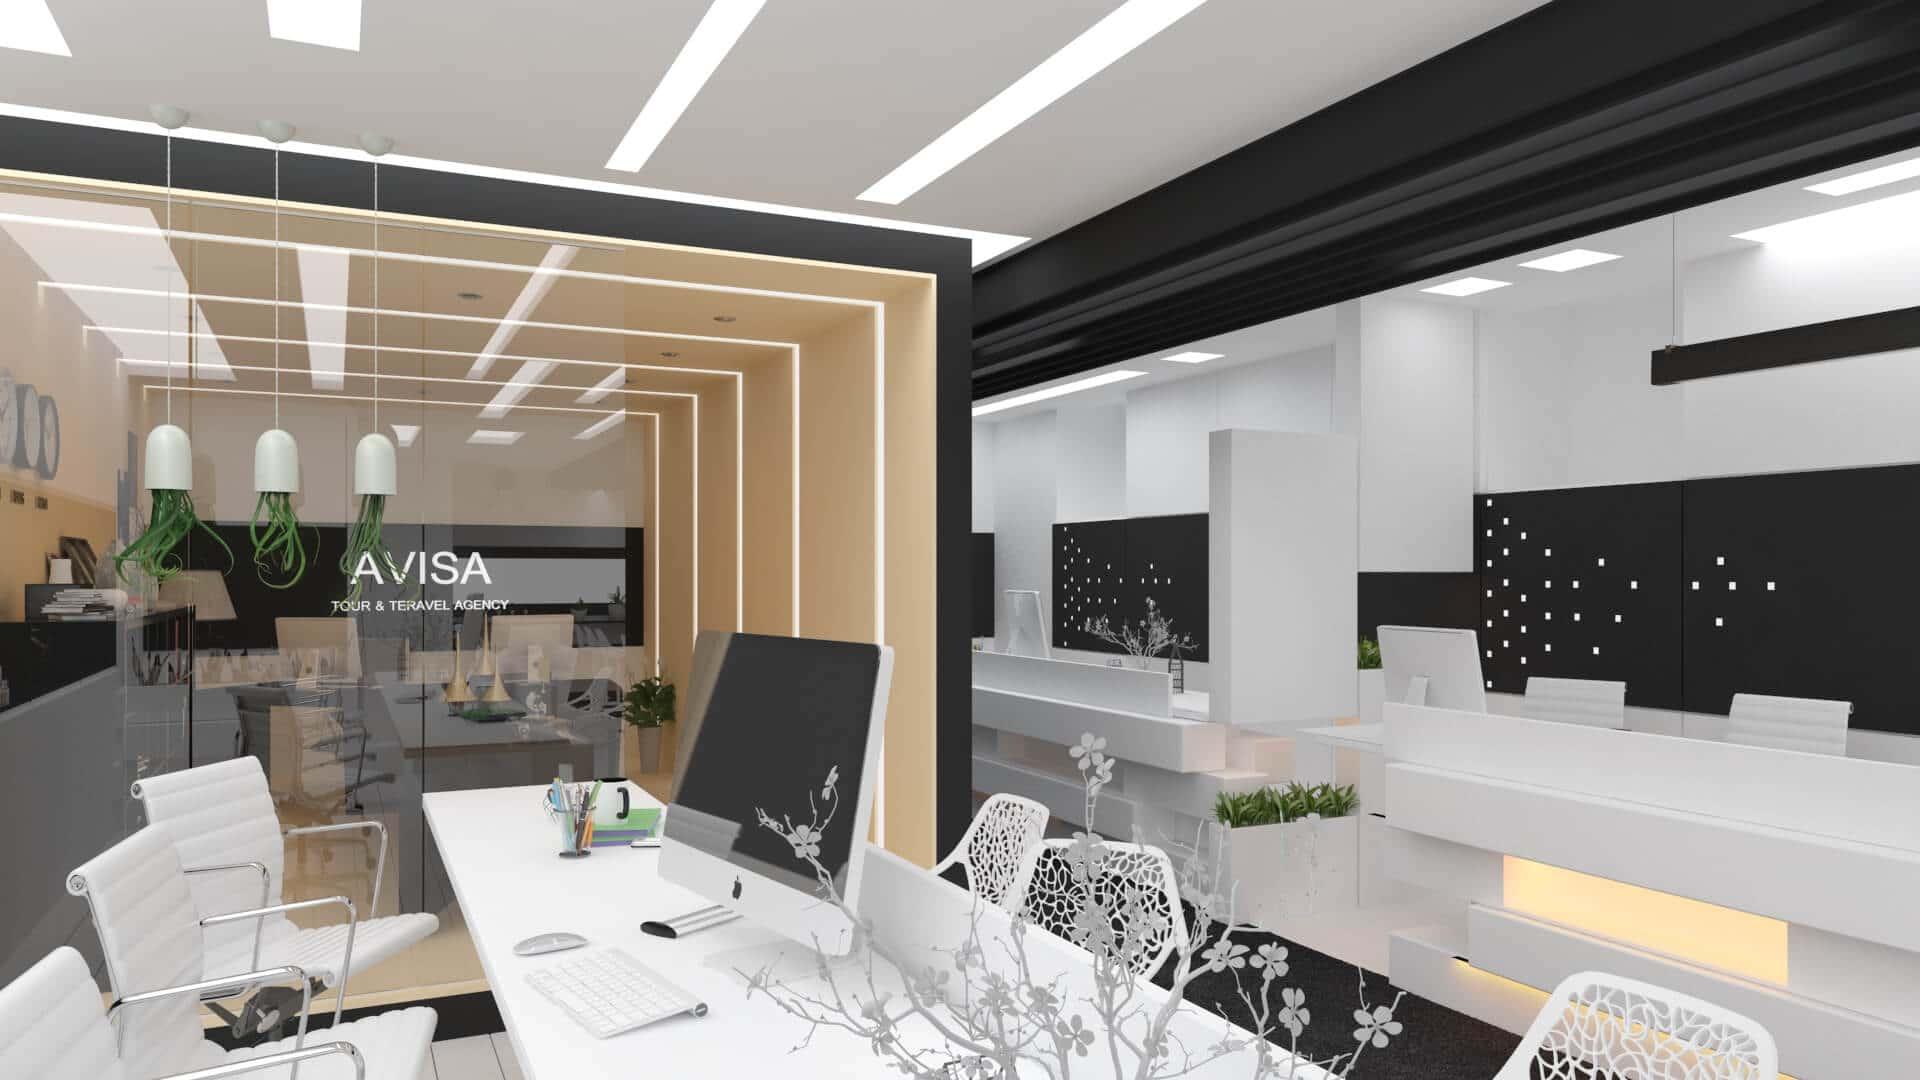 طراحی داخلی اداری تجاری